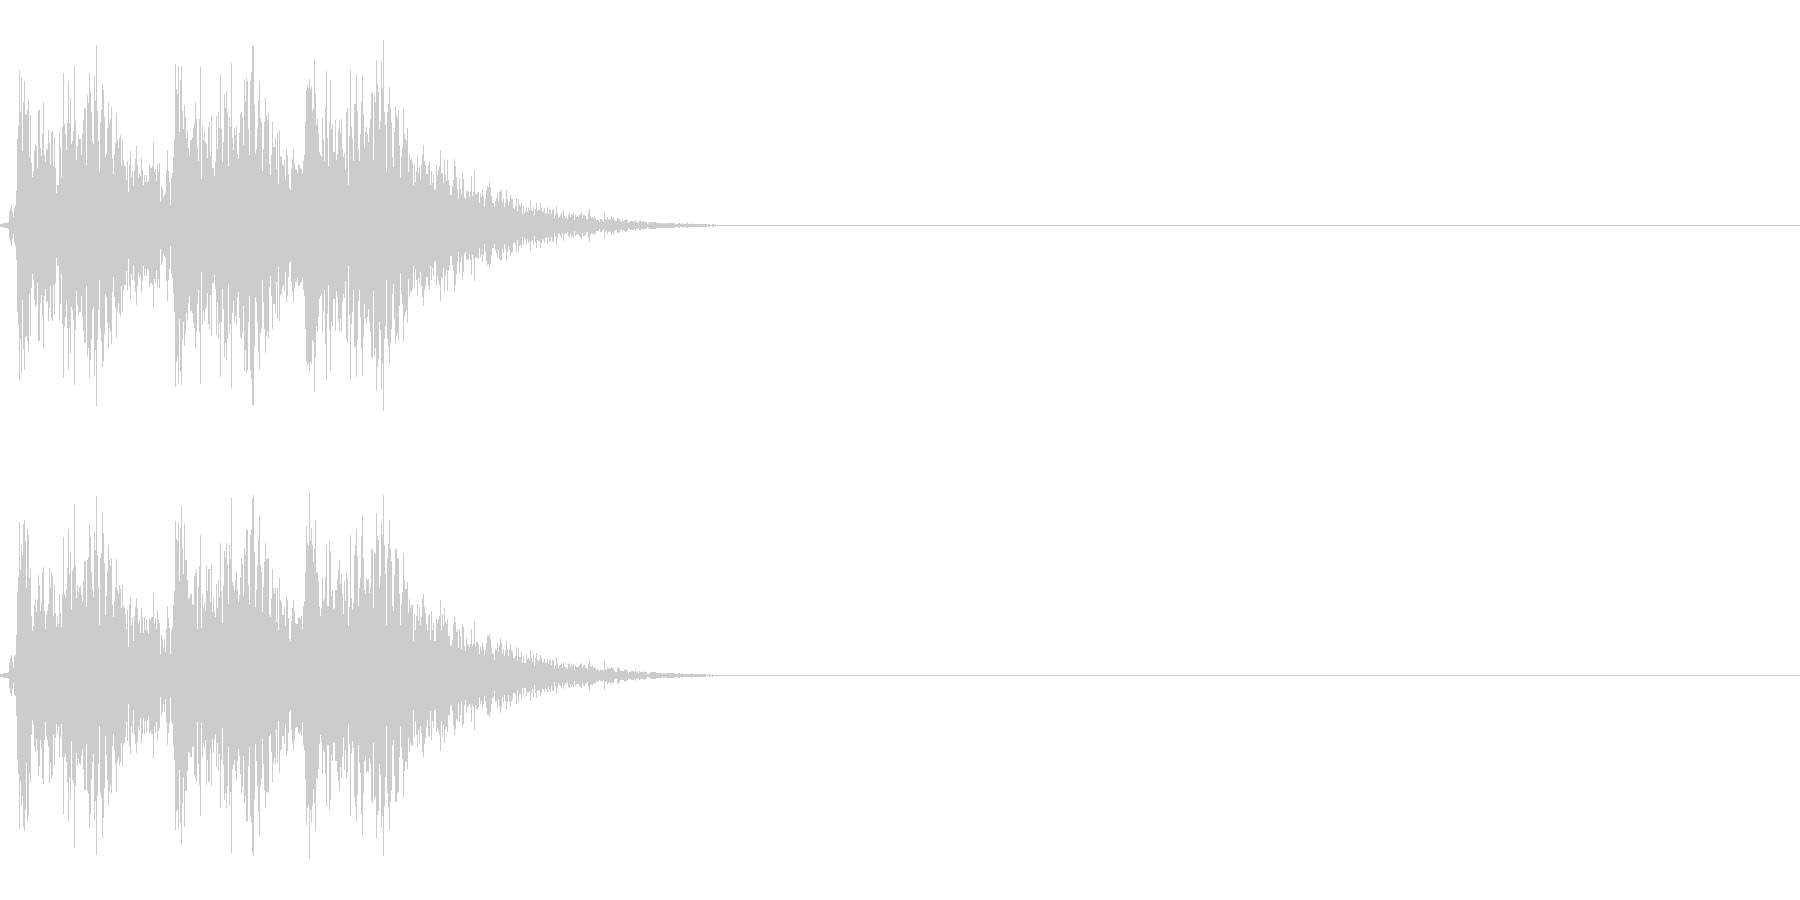 【打撃05-3】の未再生の波形